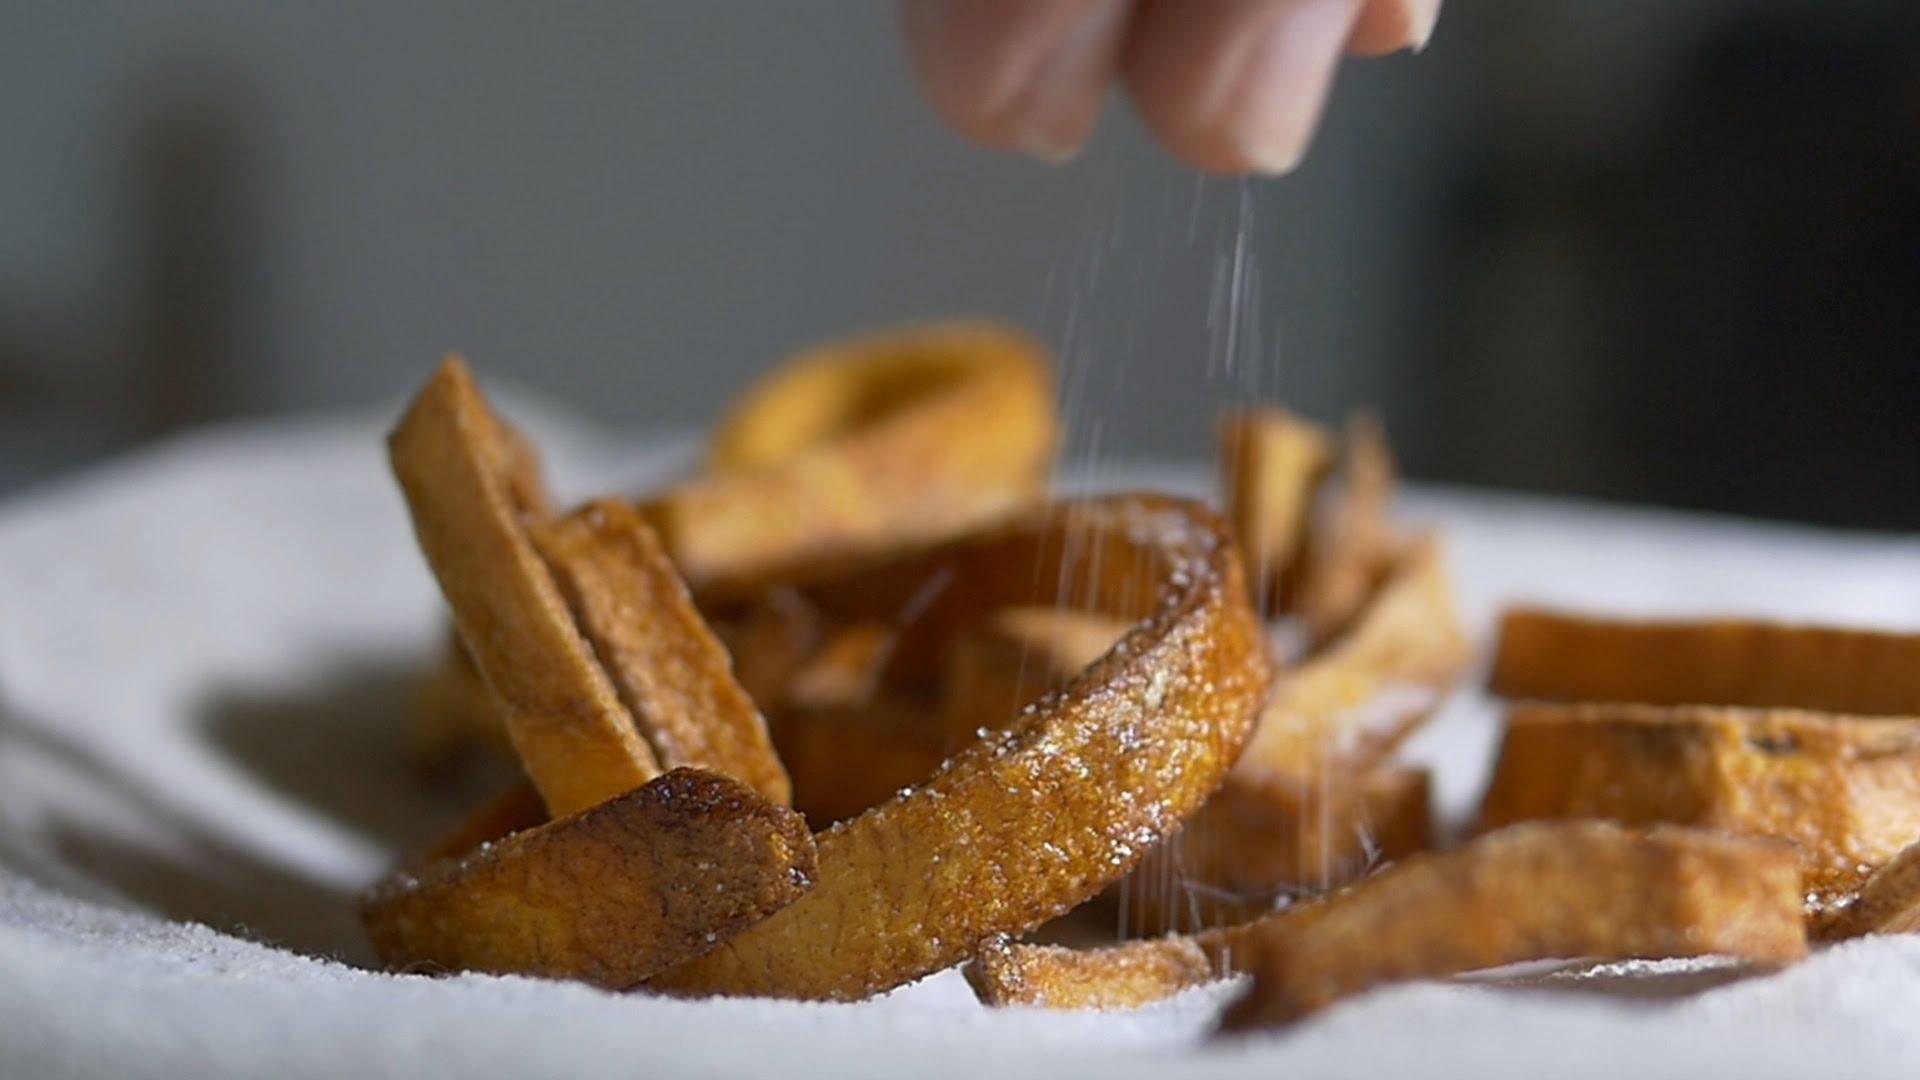 18. Yüzyılda Kıvırcık Patates Kızartması Nasıl Yapılıyordu?